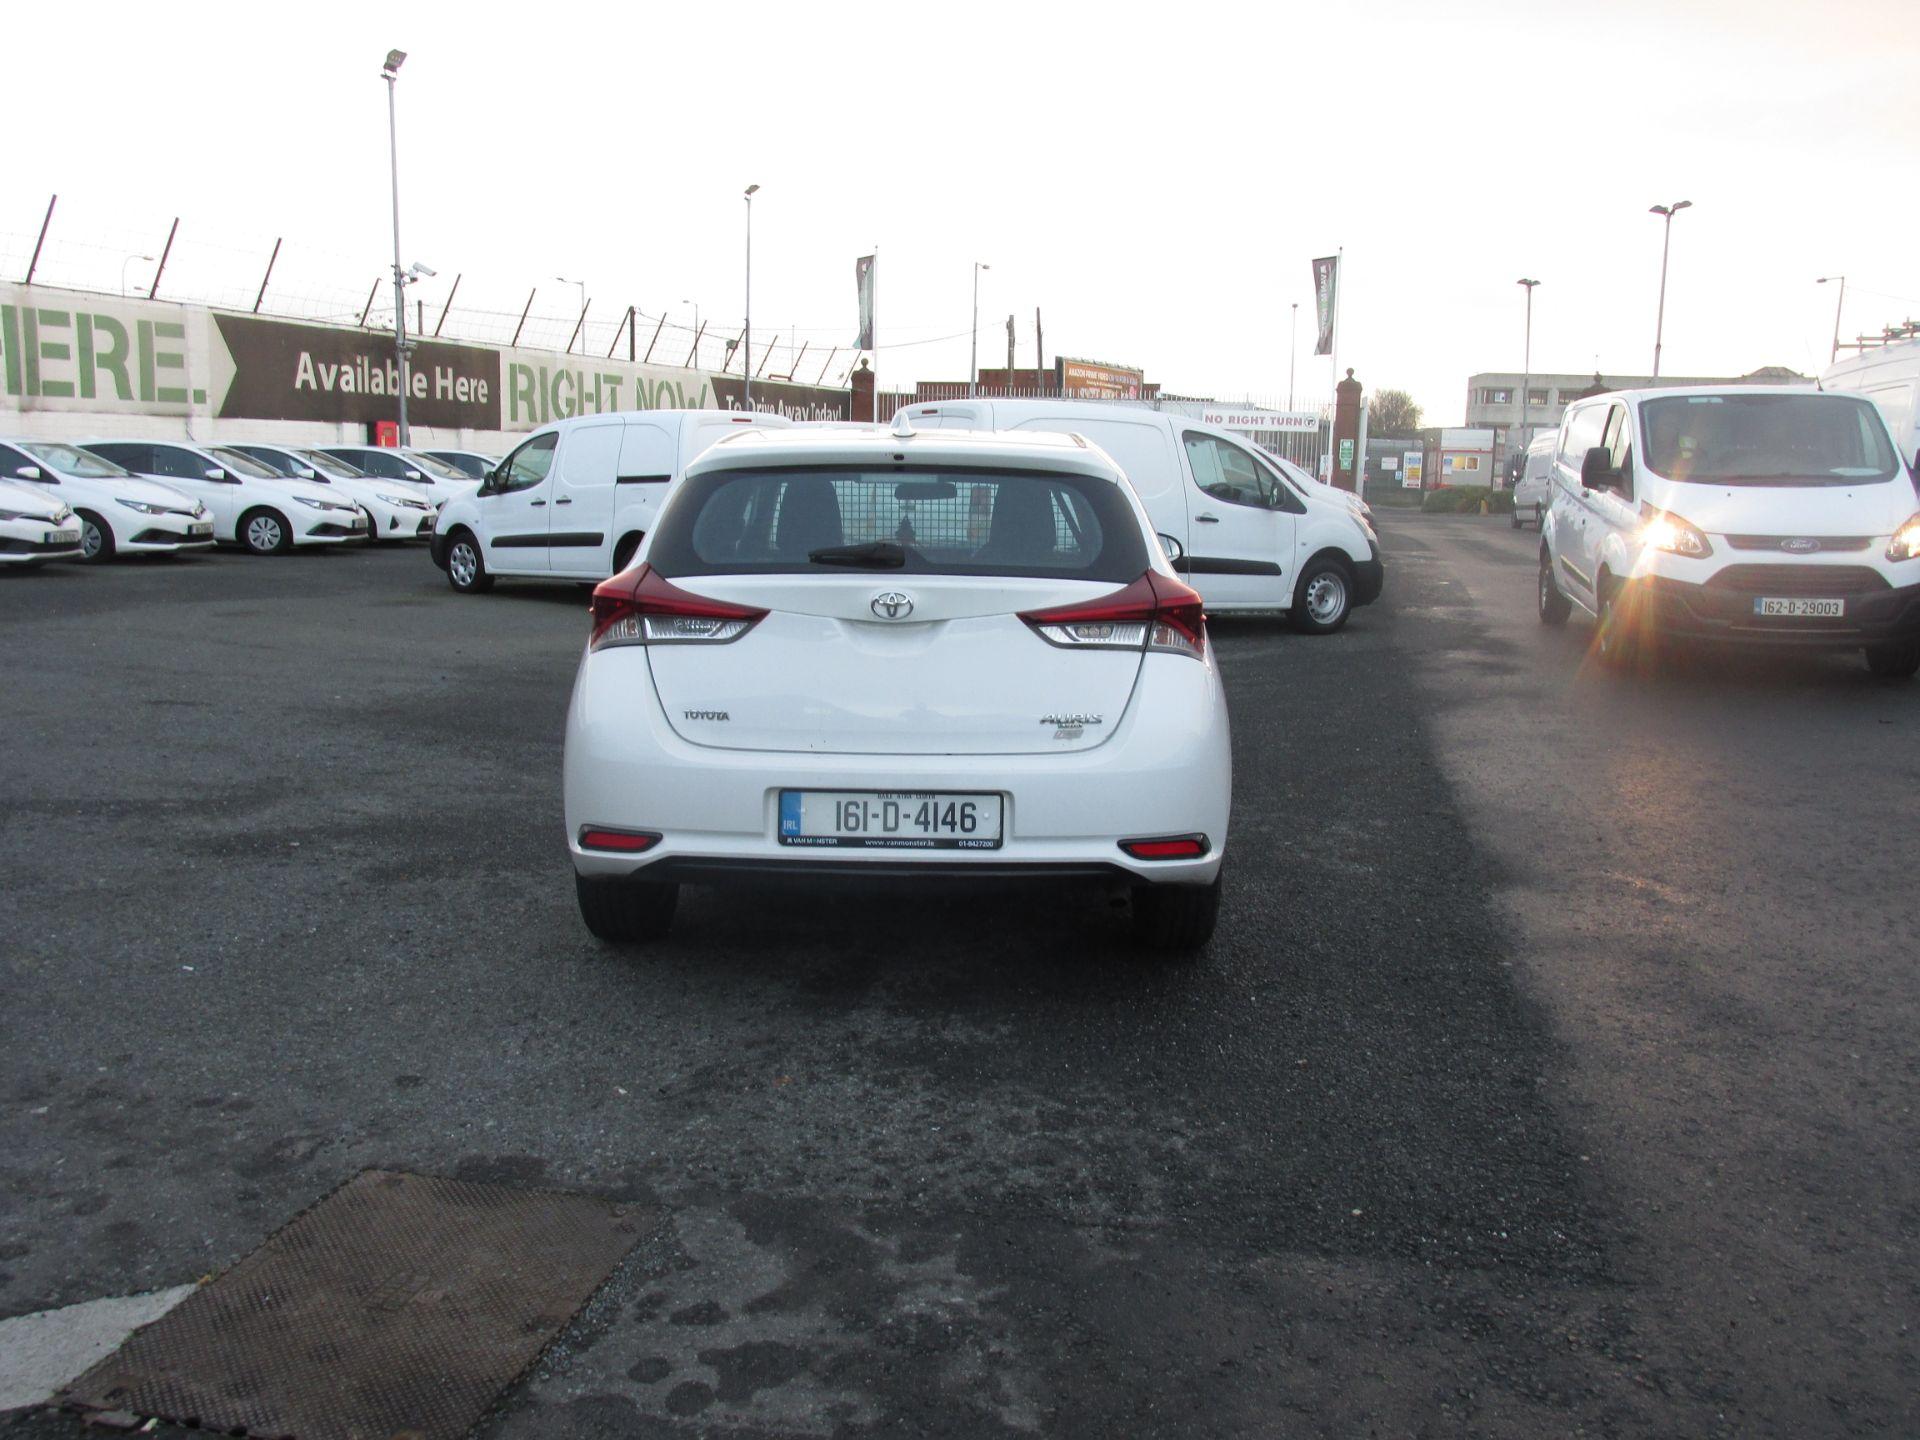 2016 Toyota Auris 1.4d-4d Terra 4DR (161D4146) Image 4